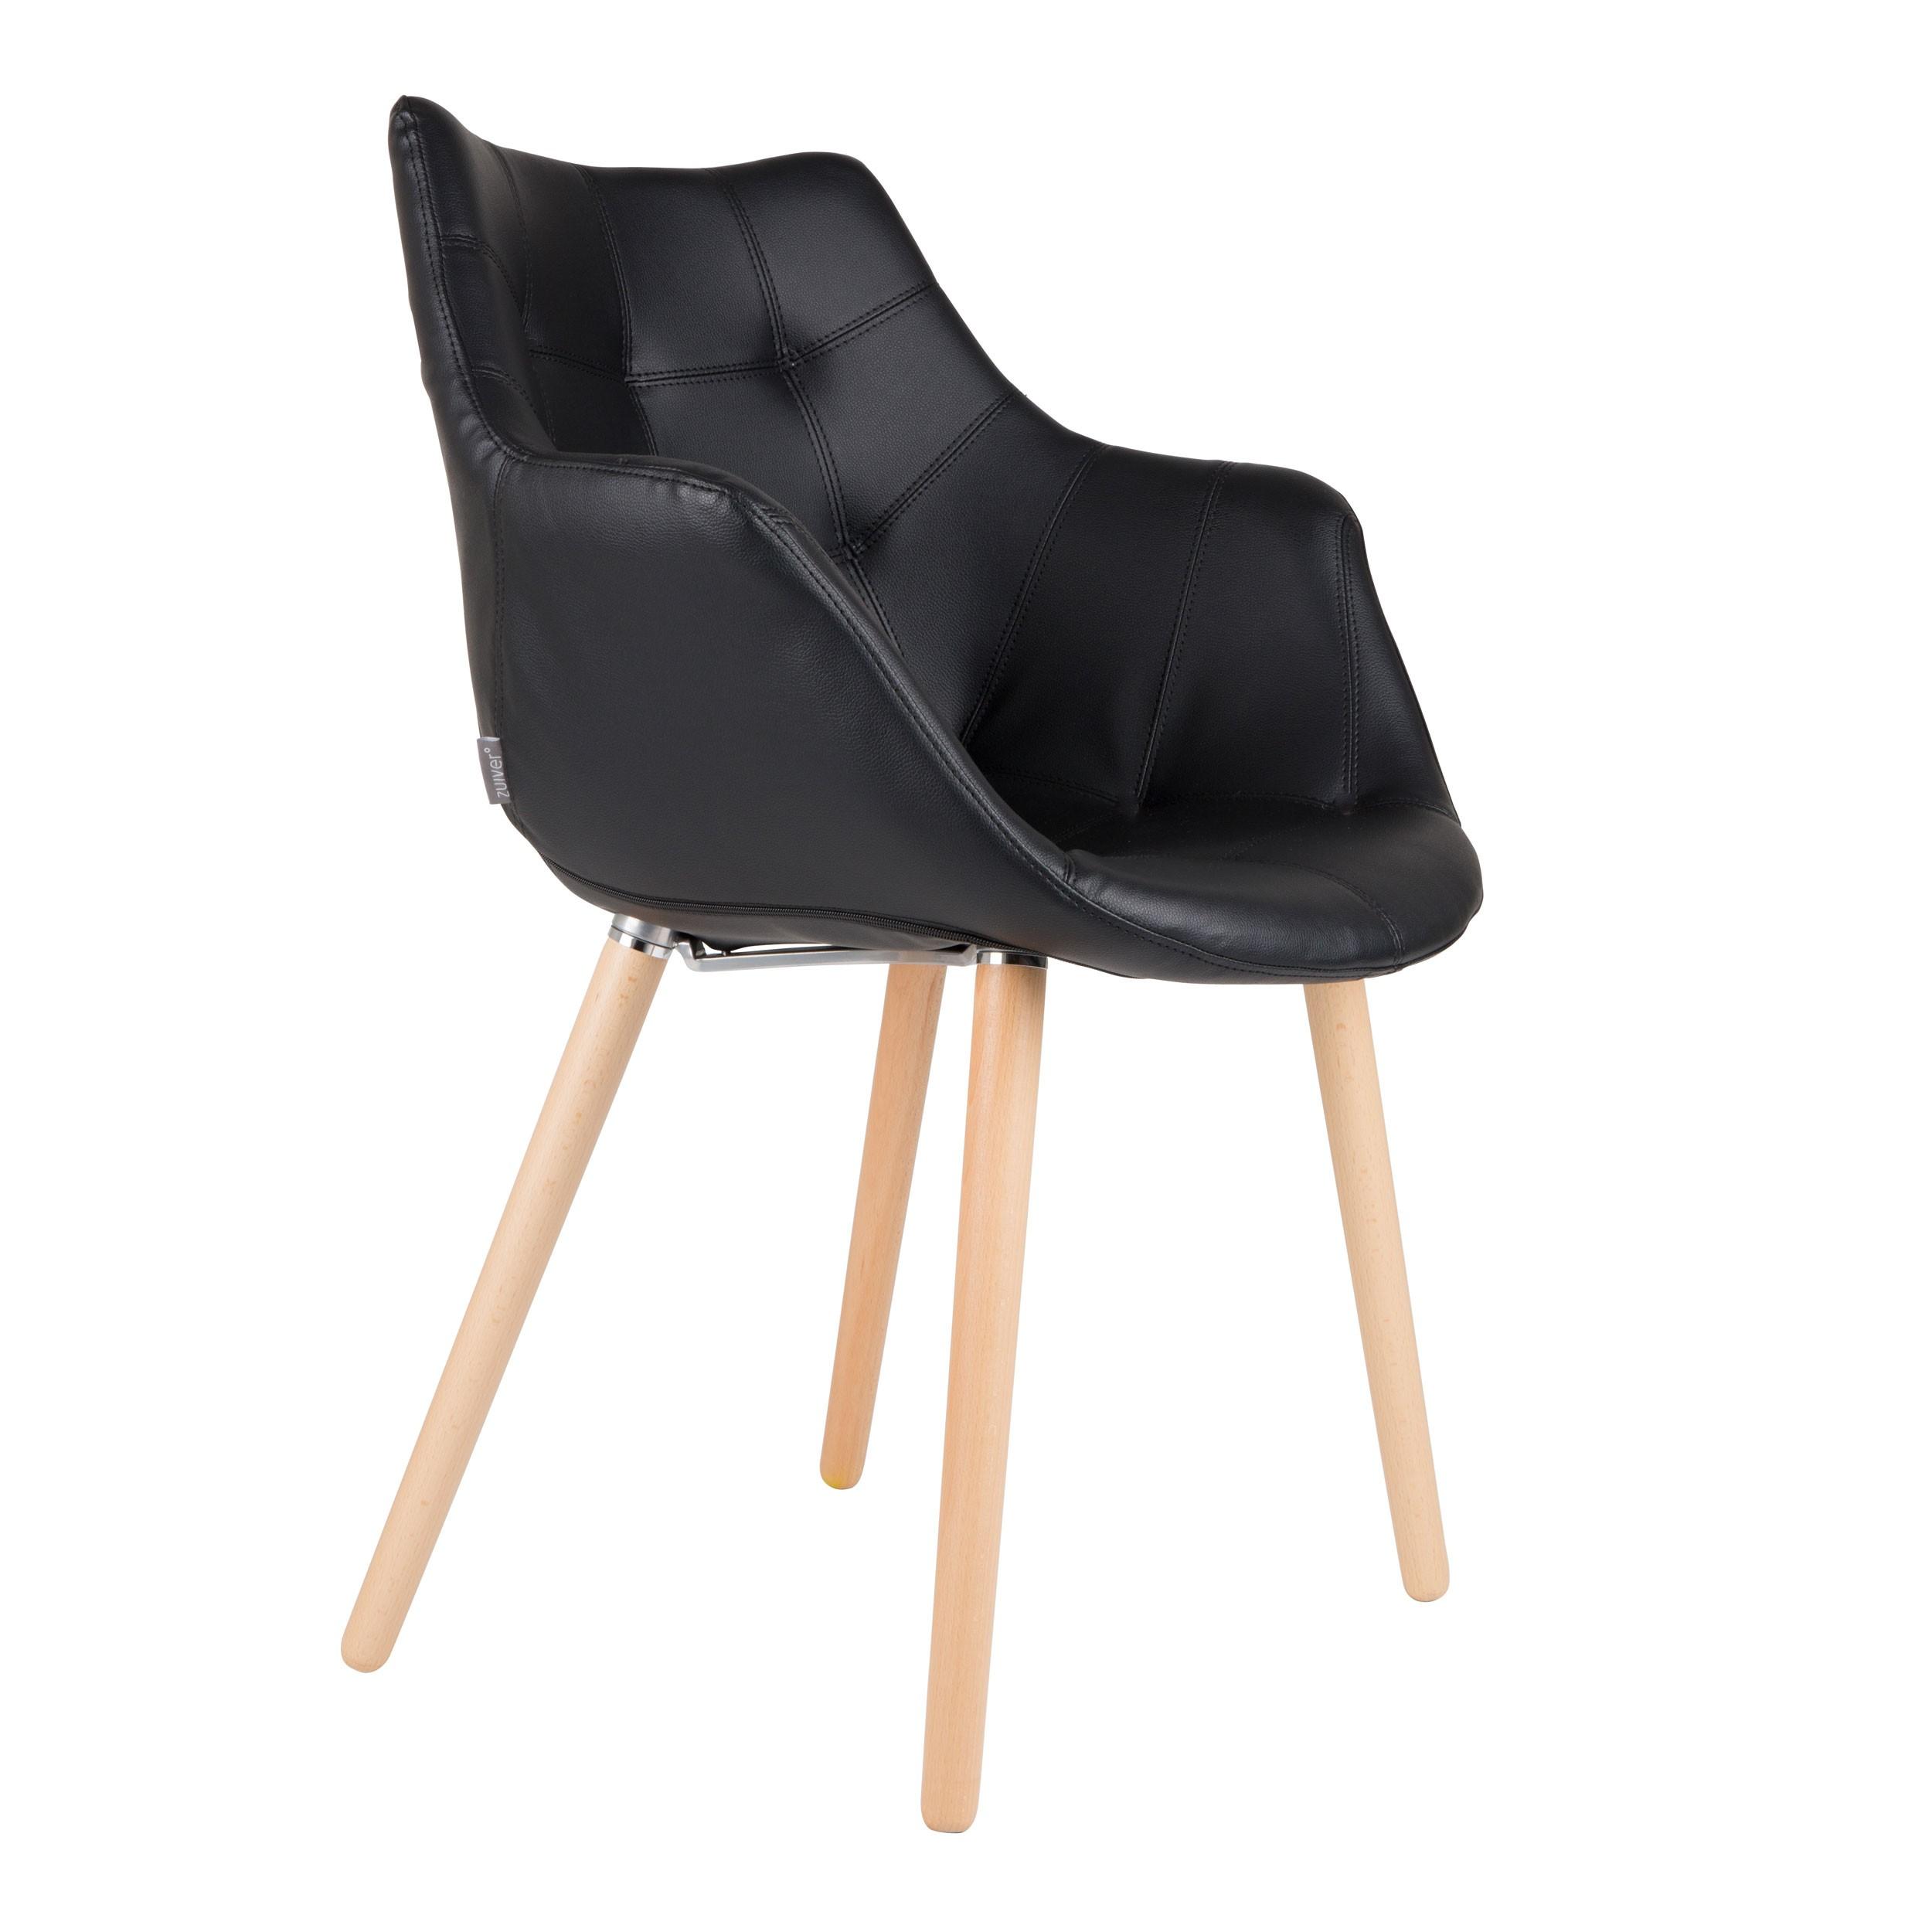 chaise anders noire zuiver optez pour nos chaises en simili cuir noir design rdvd co. Black Bedroom Furniture Sets. Home Design Ideas